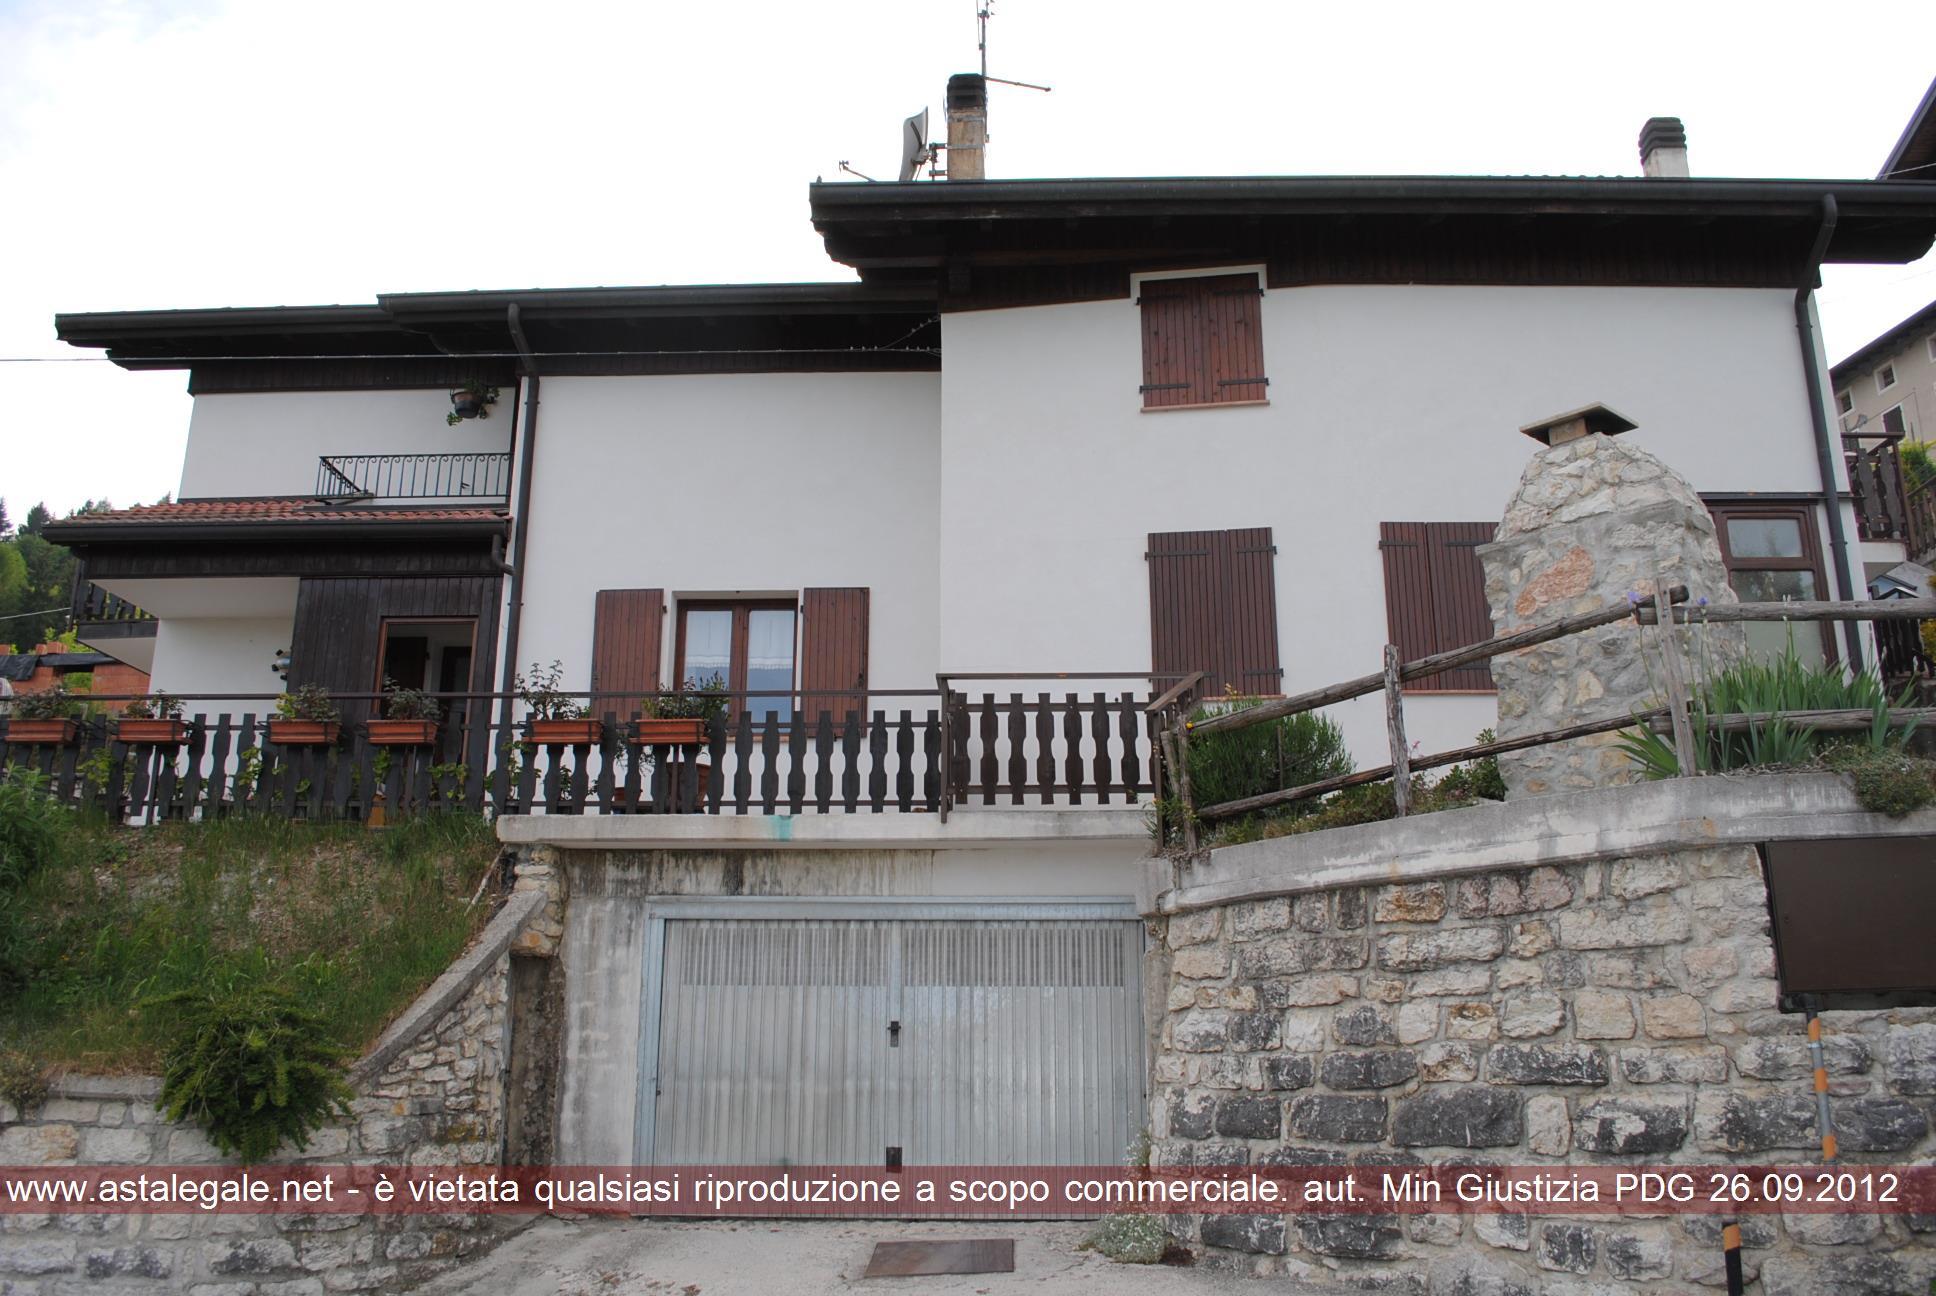 Enego (VI) Via Grottolea 52